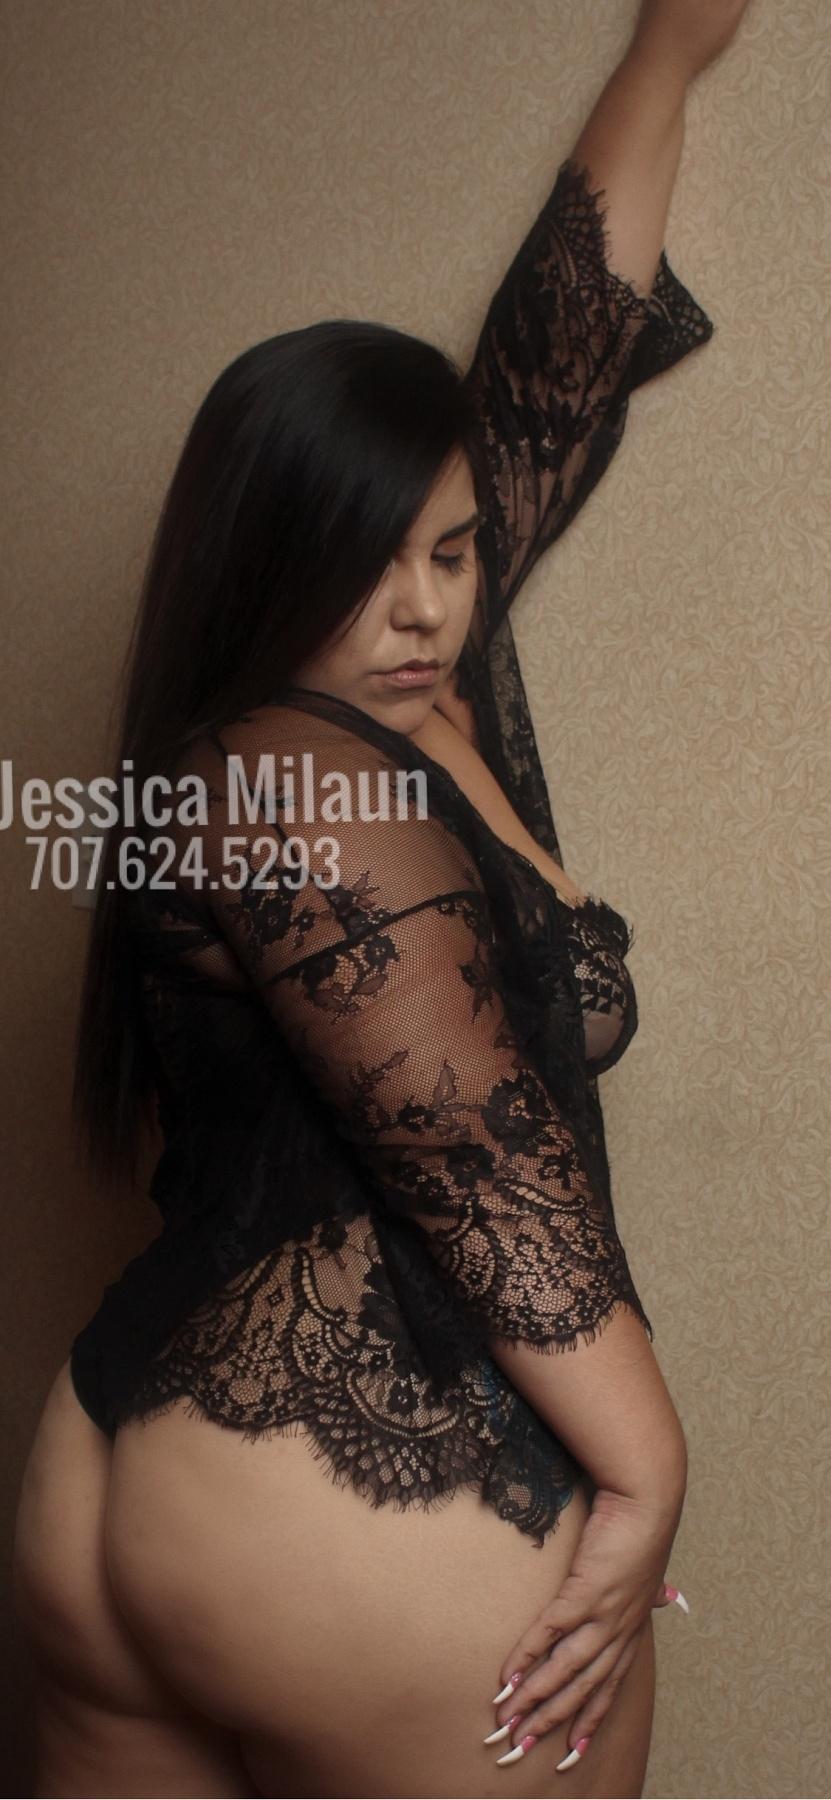 JessicaMilaun